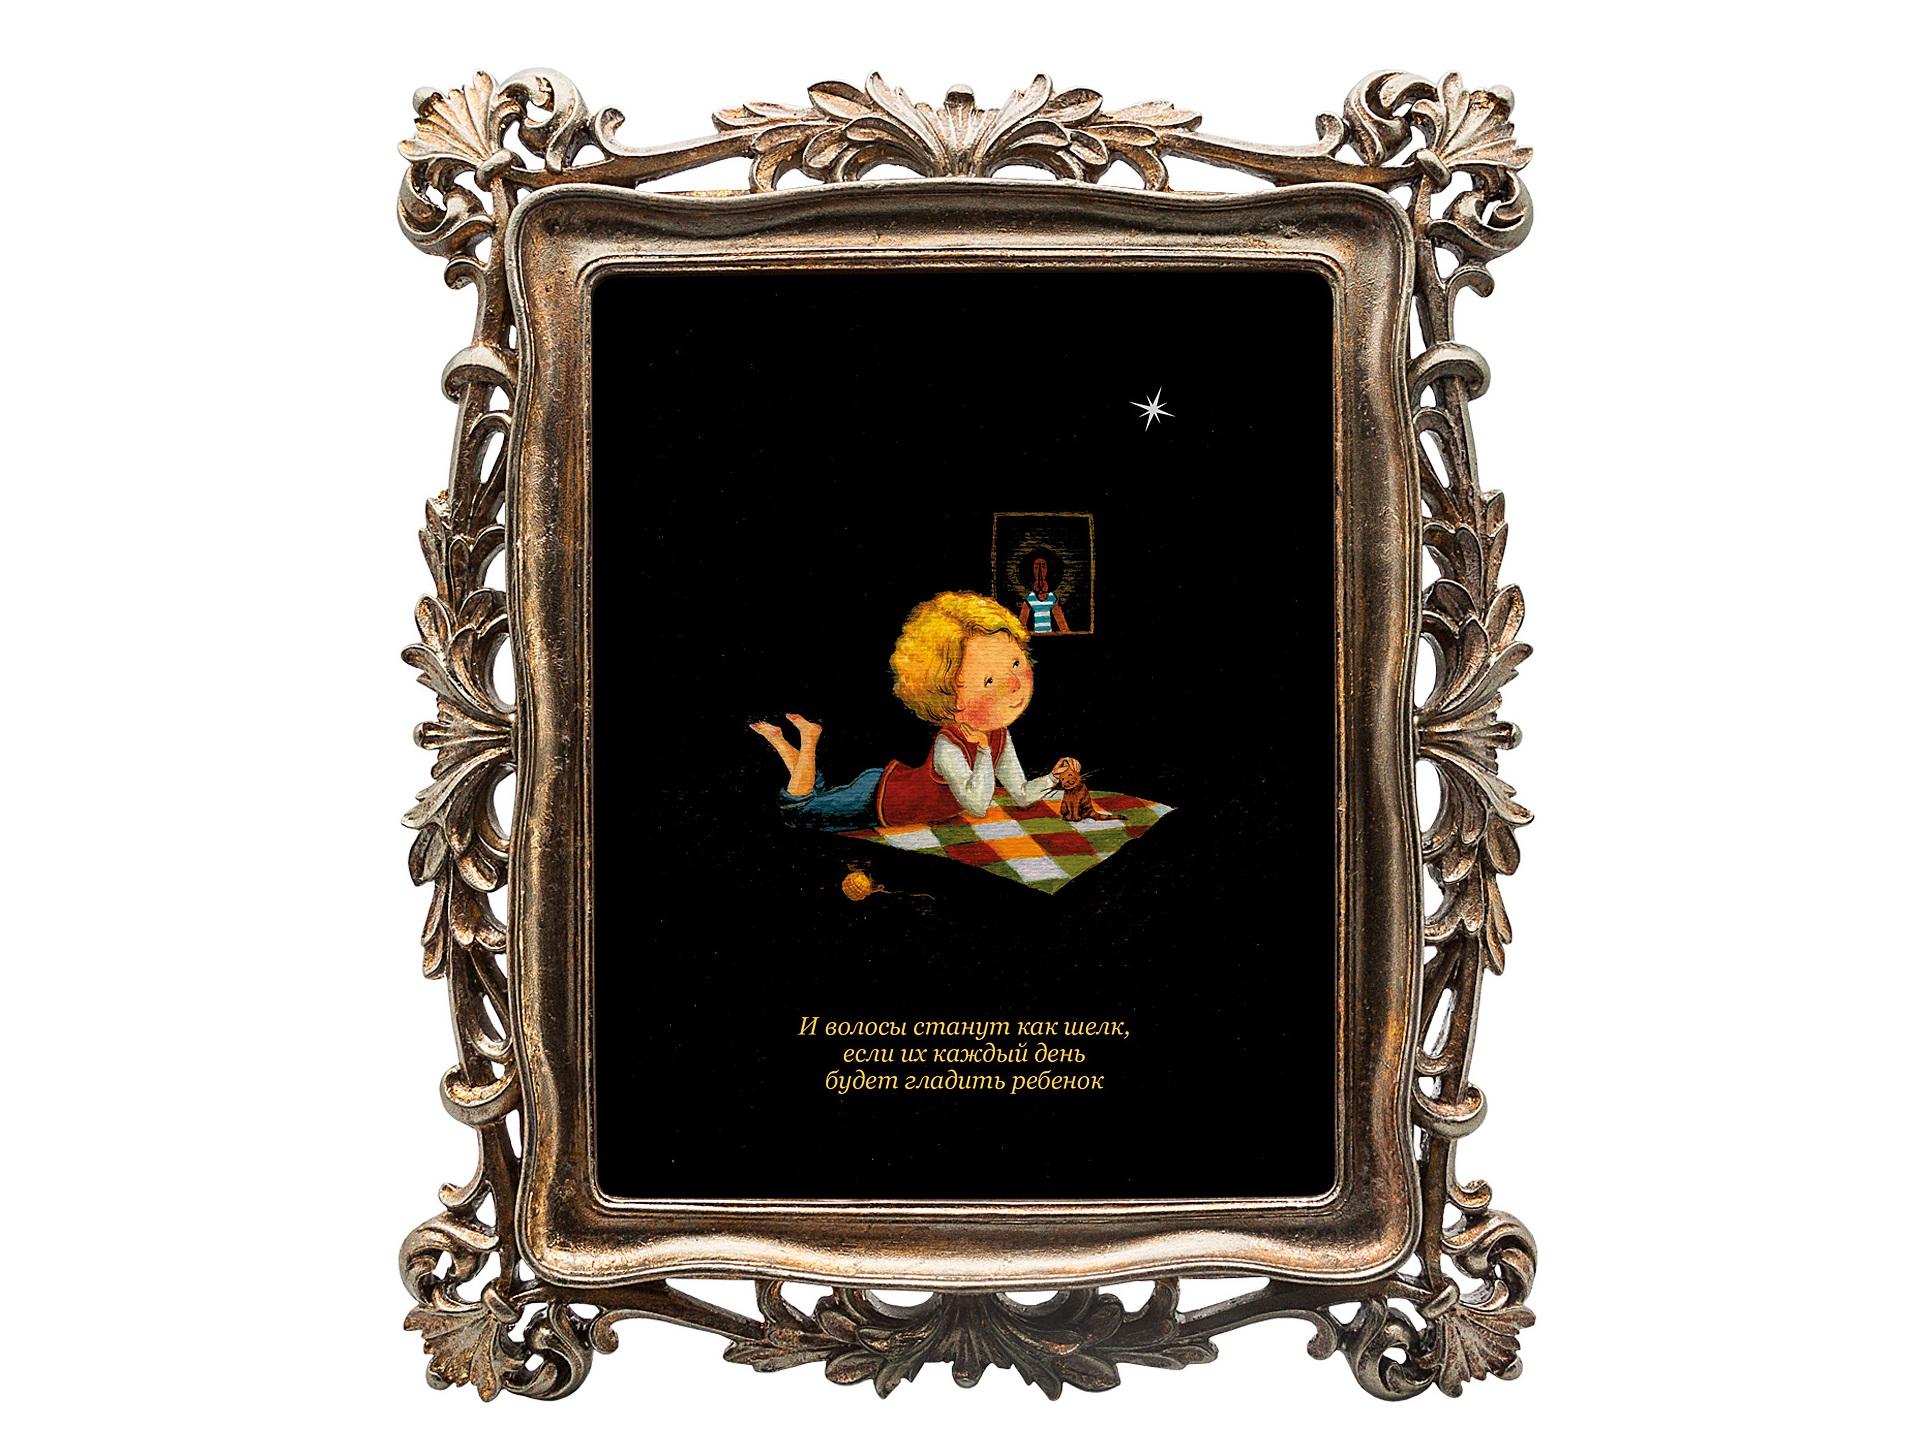 Картина 12 рецептов счастья (Лев)Картины<br>Картина из коллекции «12 рецептов счастья» «И волосы станут как шелк, если их каждый день будет гладить ребенок» олицетворяет собой знак зодиака Лев, преподнося нам уникальное пожелание.  Картину можно повесить на стену, либо поставить, например, на стол или камин. Защитный стеклянный слой  гарантирует долгую жизнь прекрасному изображению. Рама изготовлена из полистоуна. Искусная техника состаривания придает раме особую теплоту и винтажность.&amp;lt;div&amp;gt;&amp;lt;br&amp;gt;&amp;lt;/div&amp;gt;&amp;lt;div&amp;gt;Материал: полистоун, стекло, дизайнерская бумага.&amp;lt;br&amp;gt;&amp;lt;/div&amp;gt;<br><br>Material: Полистоун<br>Width см: 29.7<br>Depth см: 2.2<br>Height см: 34.7